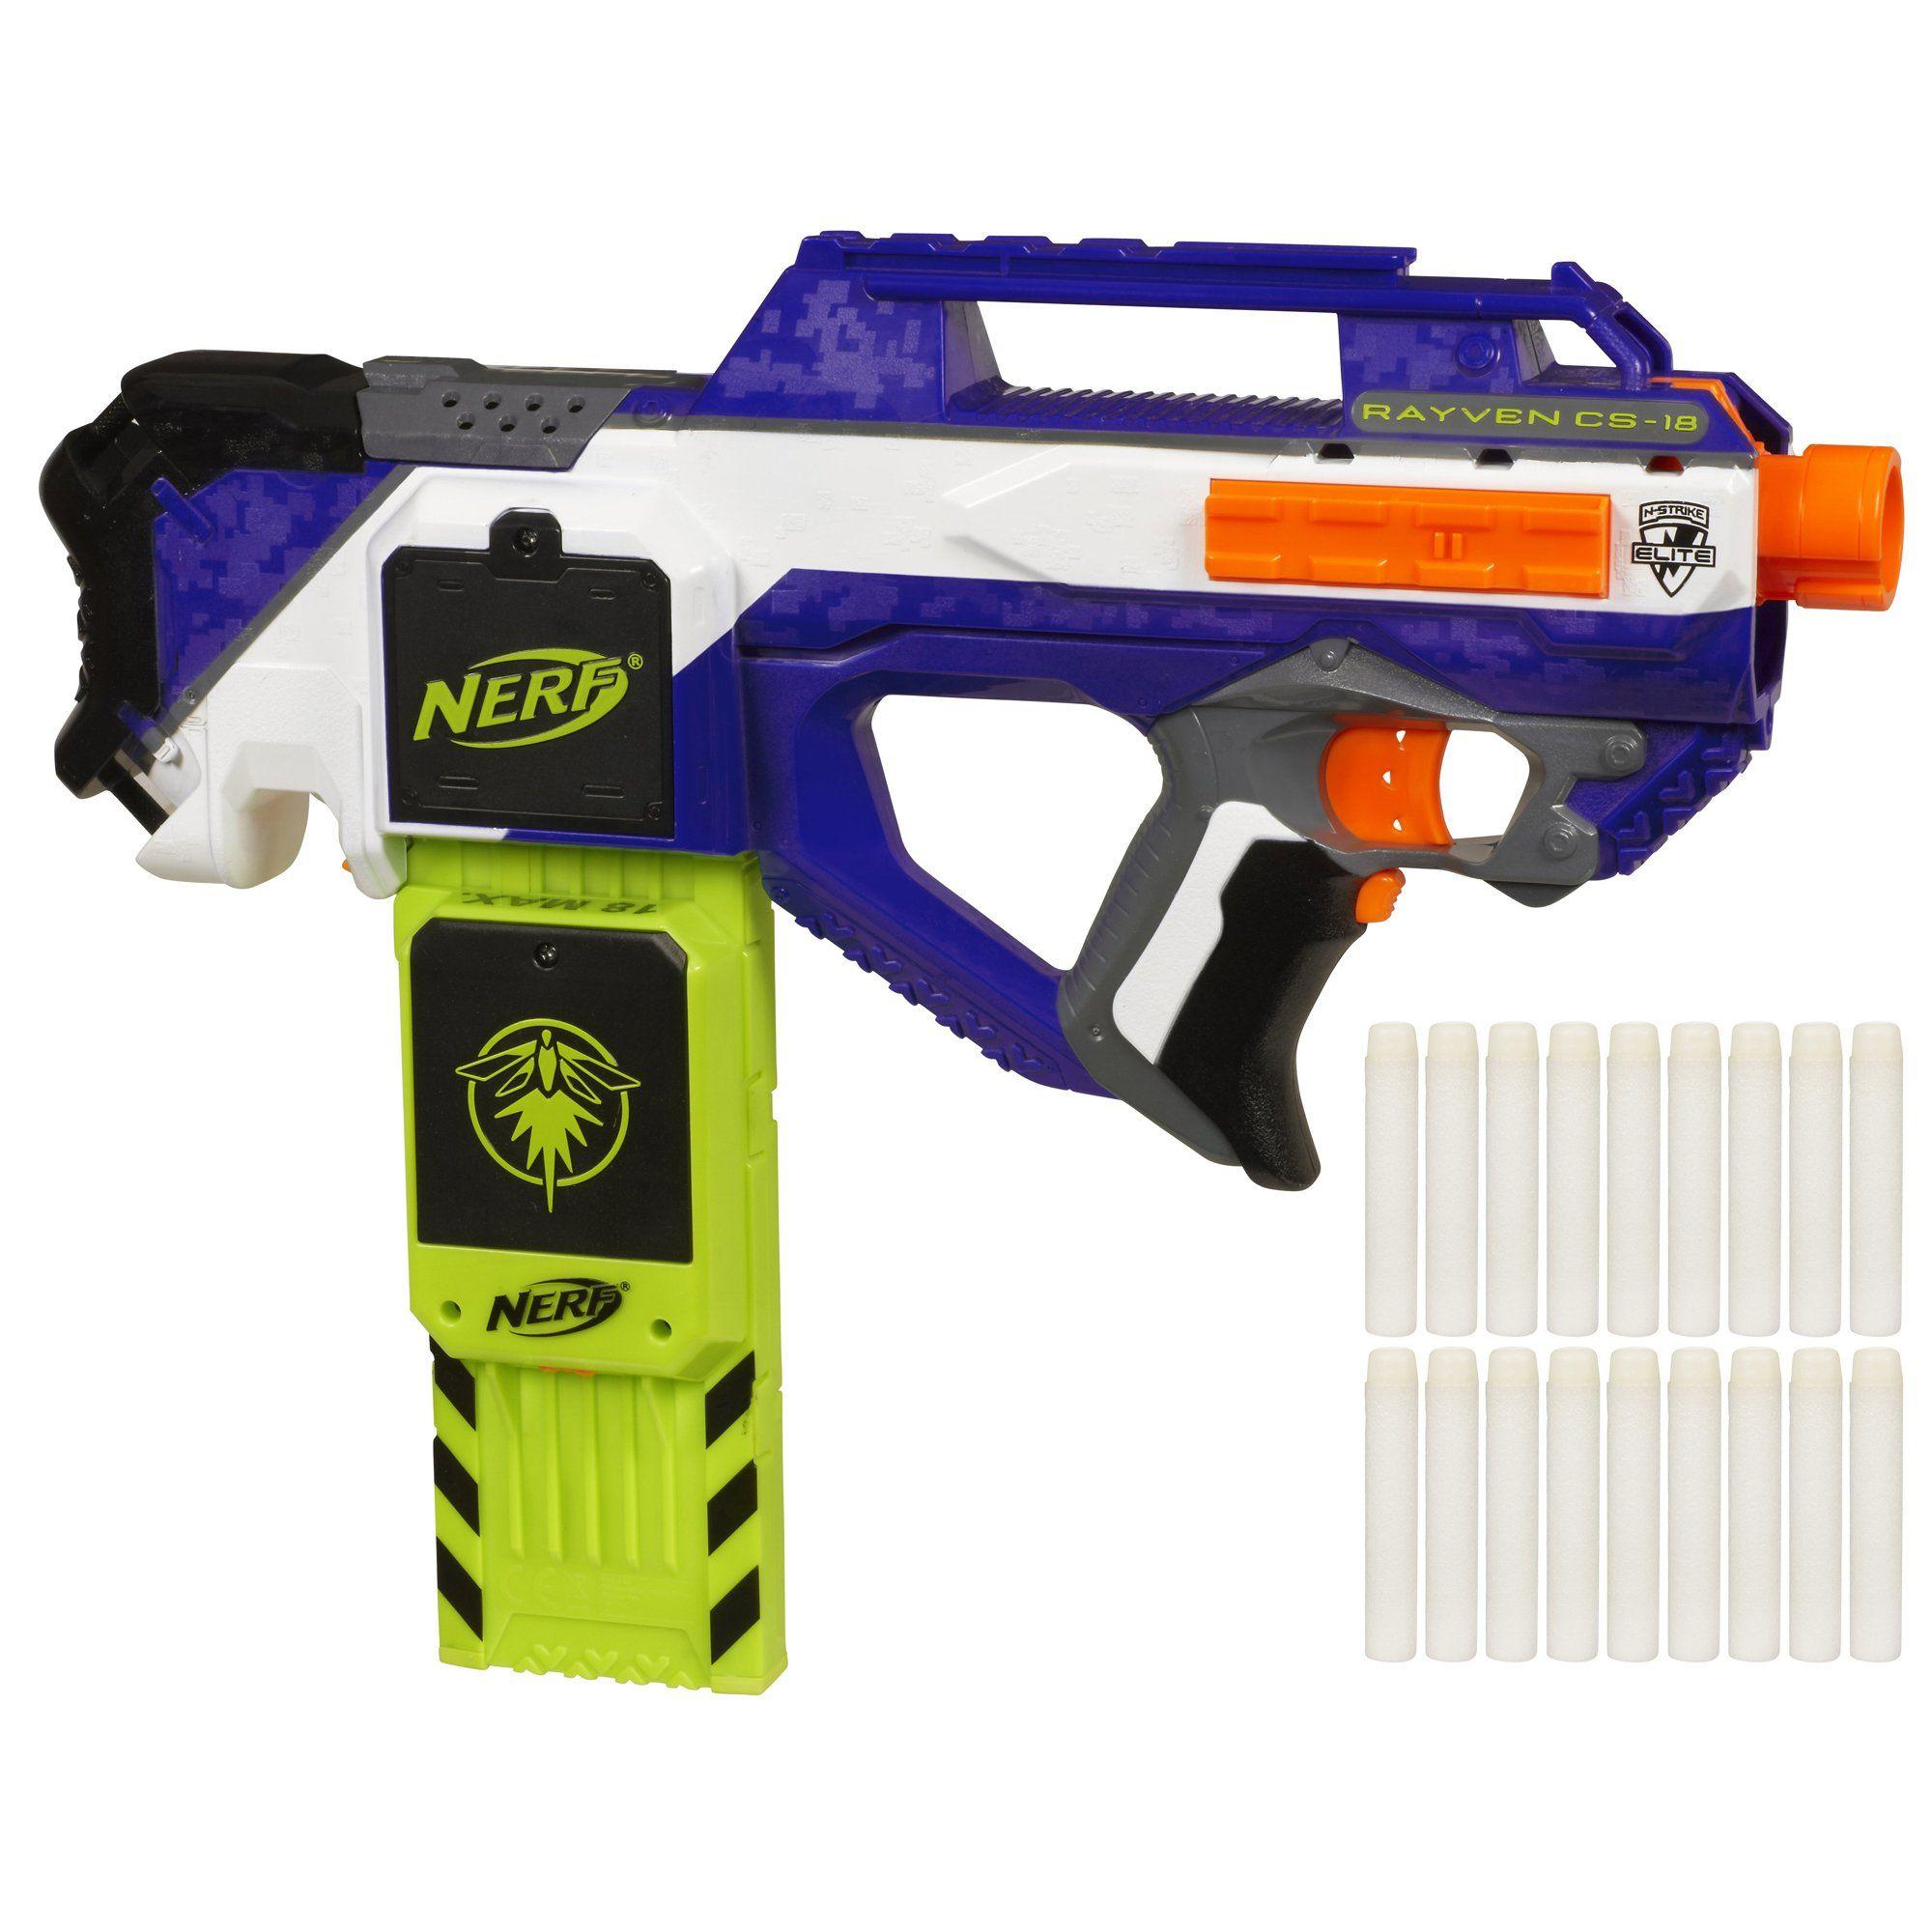 Nerf N Strike Elite Rayven Cs 18 Blaster